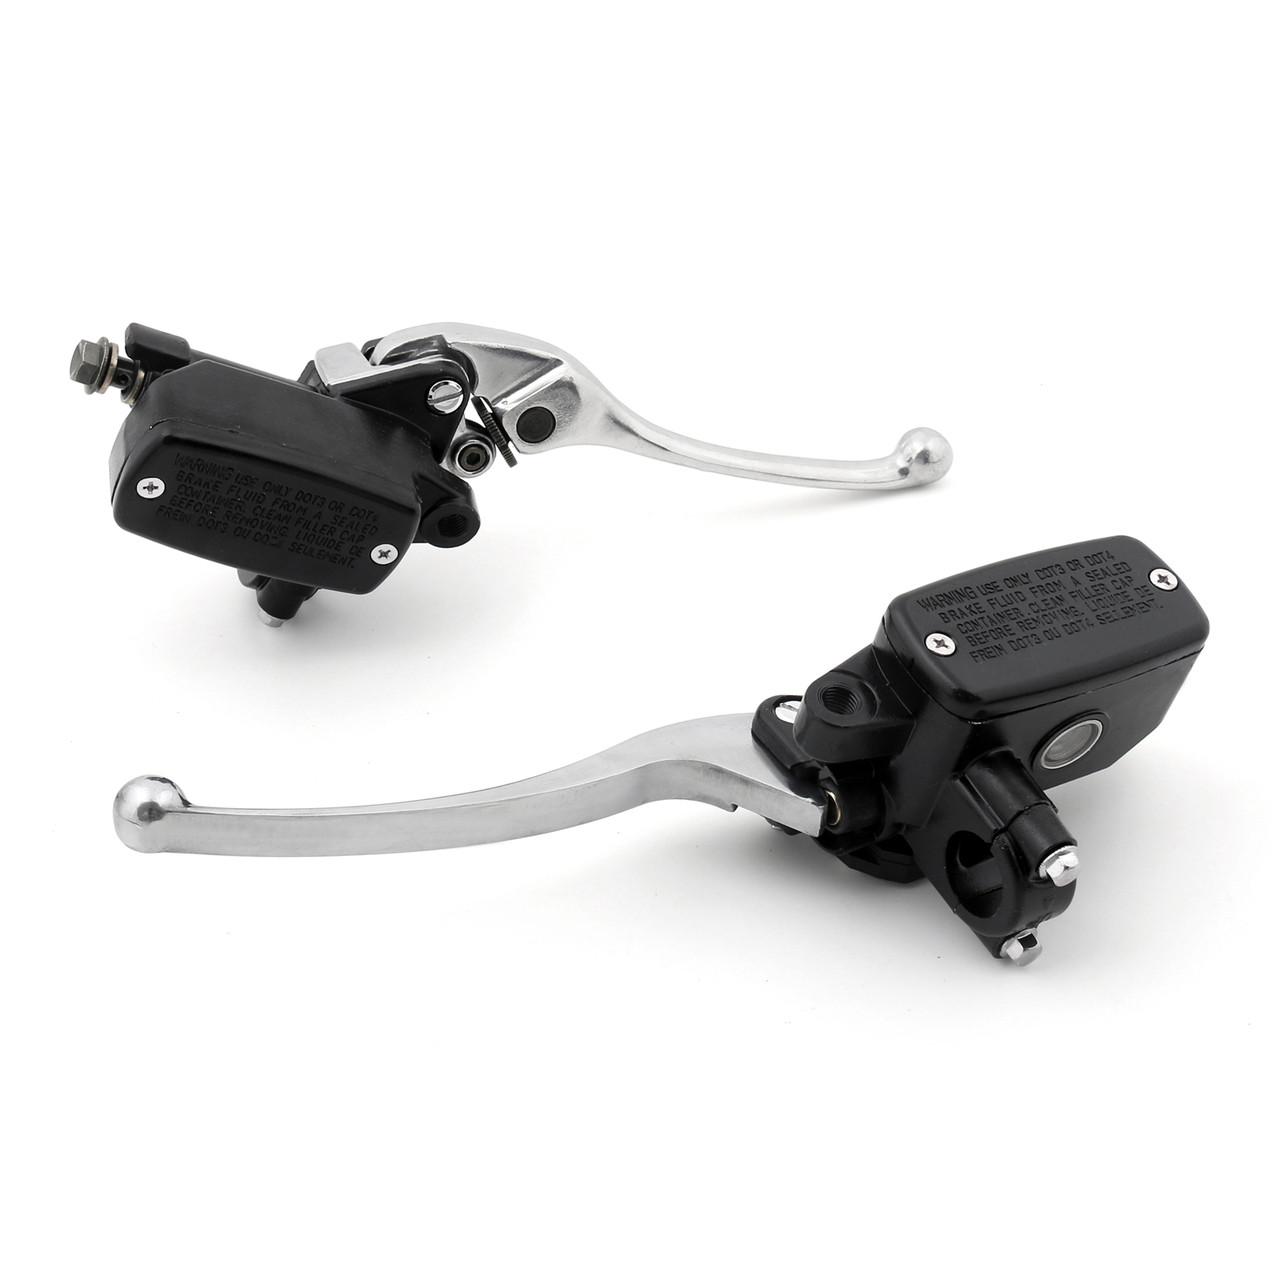 Levers Set Hydraulic Brake Hydraulic Clutch Master Cylinders Honda VFR750F VFR750 INTERCEPTOR (1991-1997) Chrome